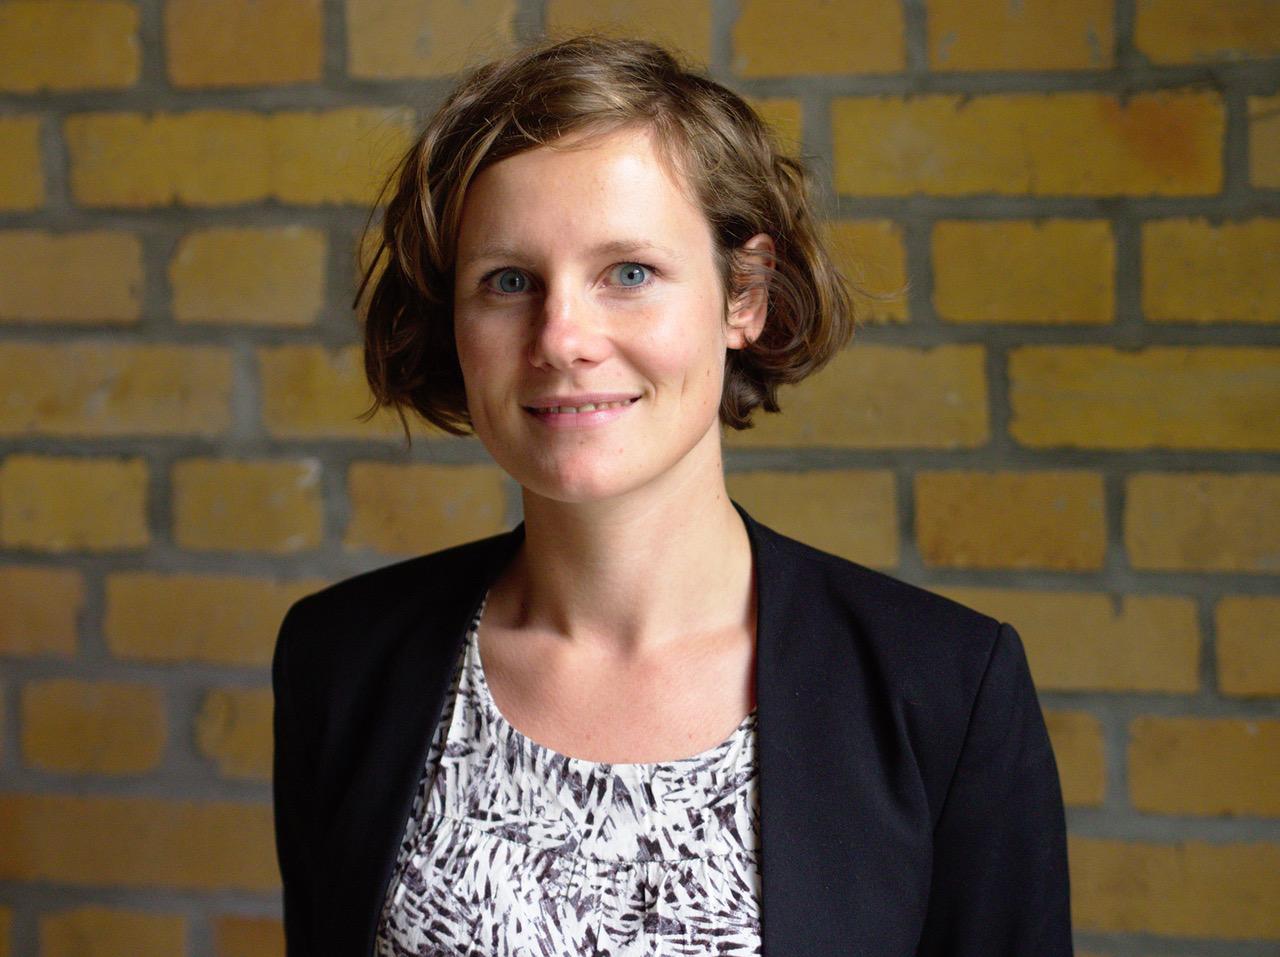 Klara Lindner - Co-Founder and Customer Advocate at Mobisol